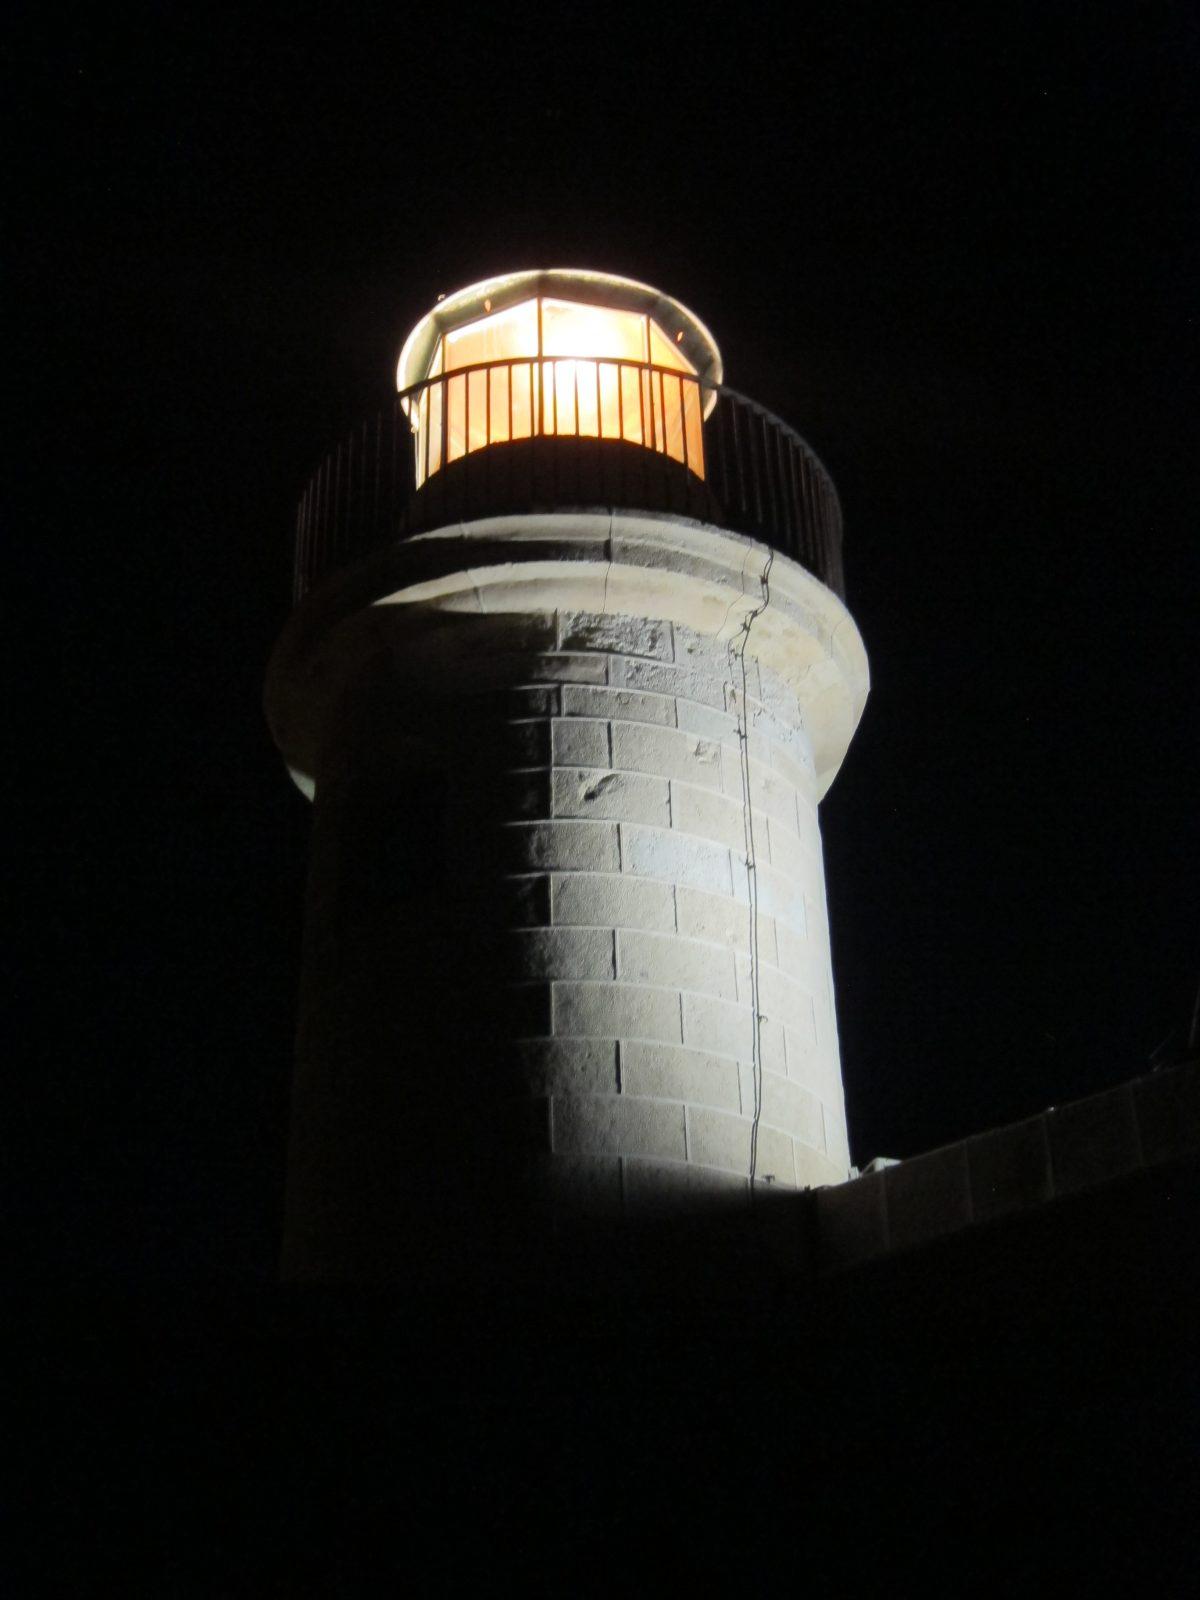 Visita nocturna al faro de Roquetas de Mar por Araceli (2ª parte)